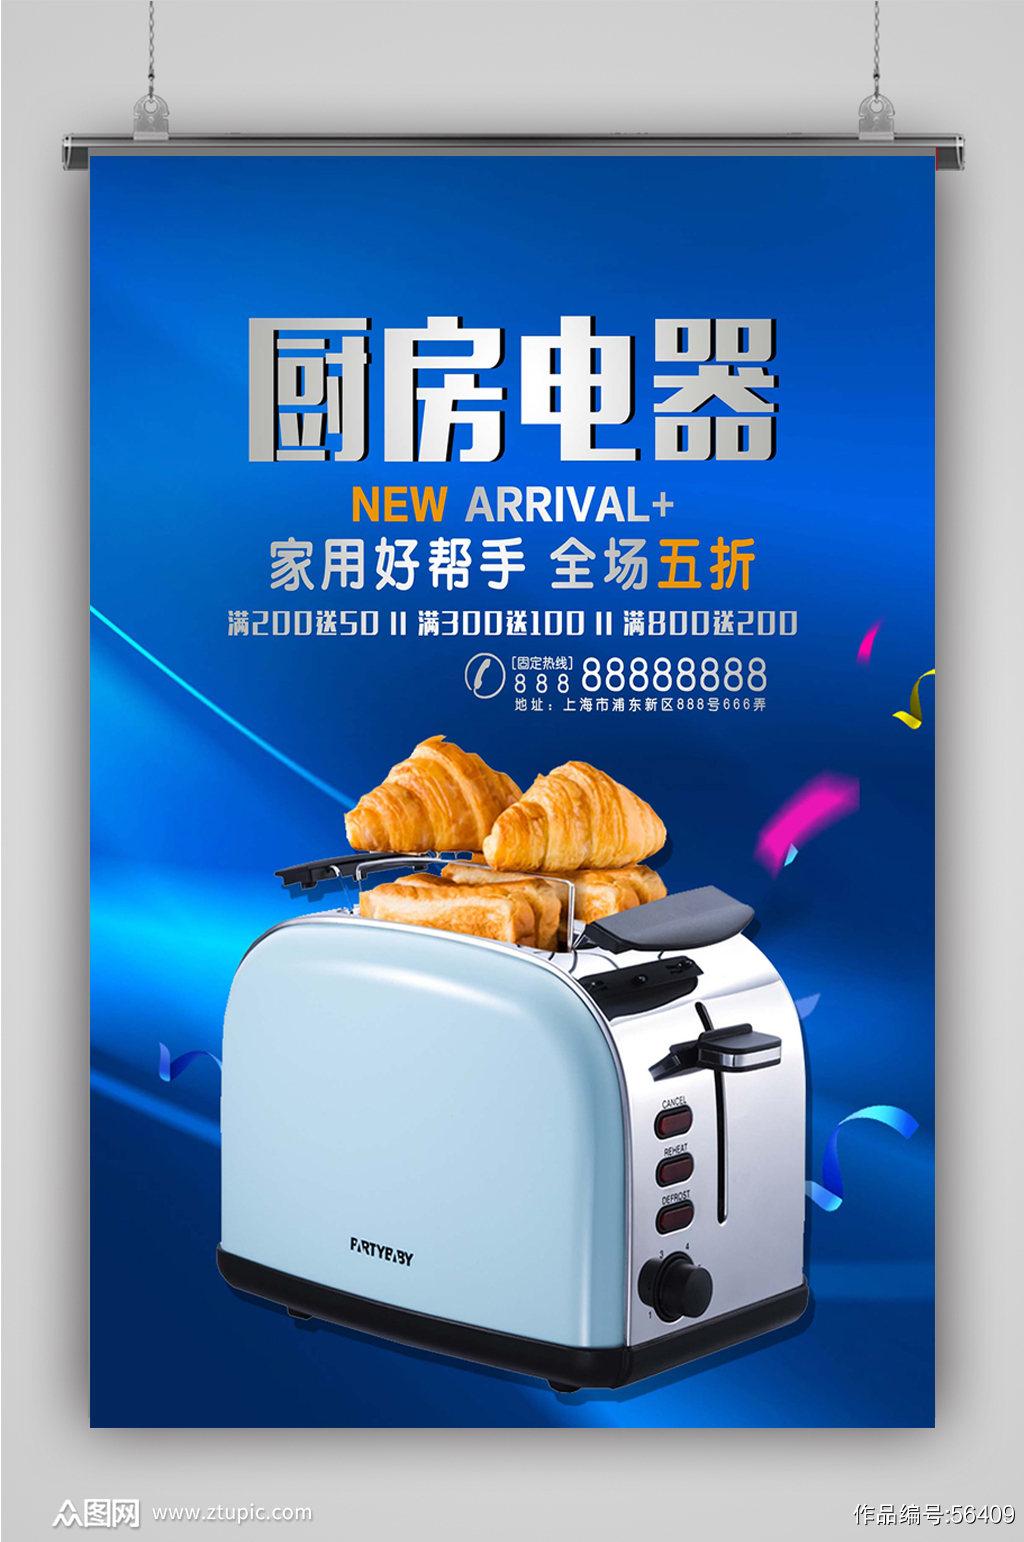 厨房电器促销海报素材